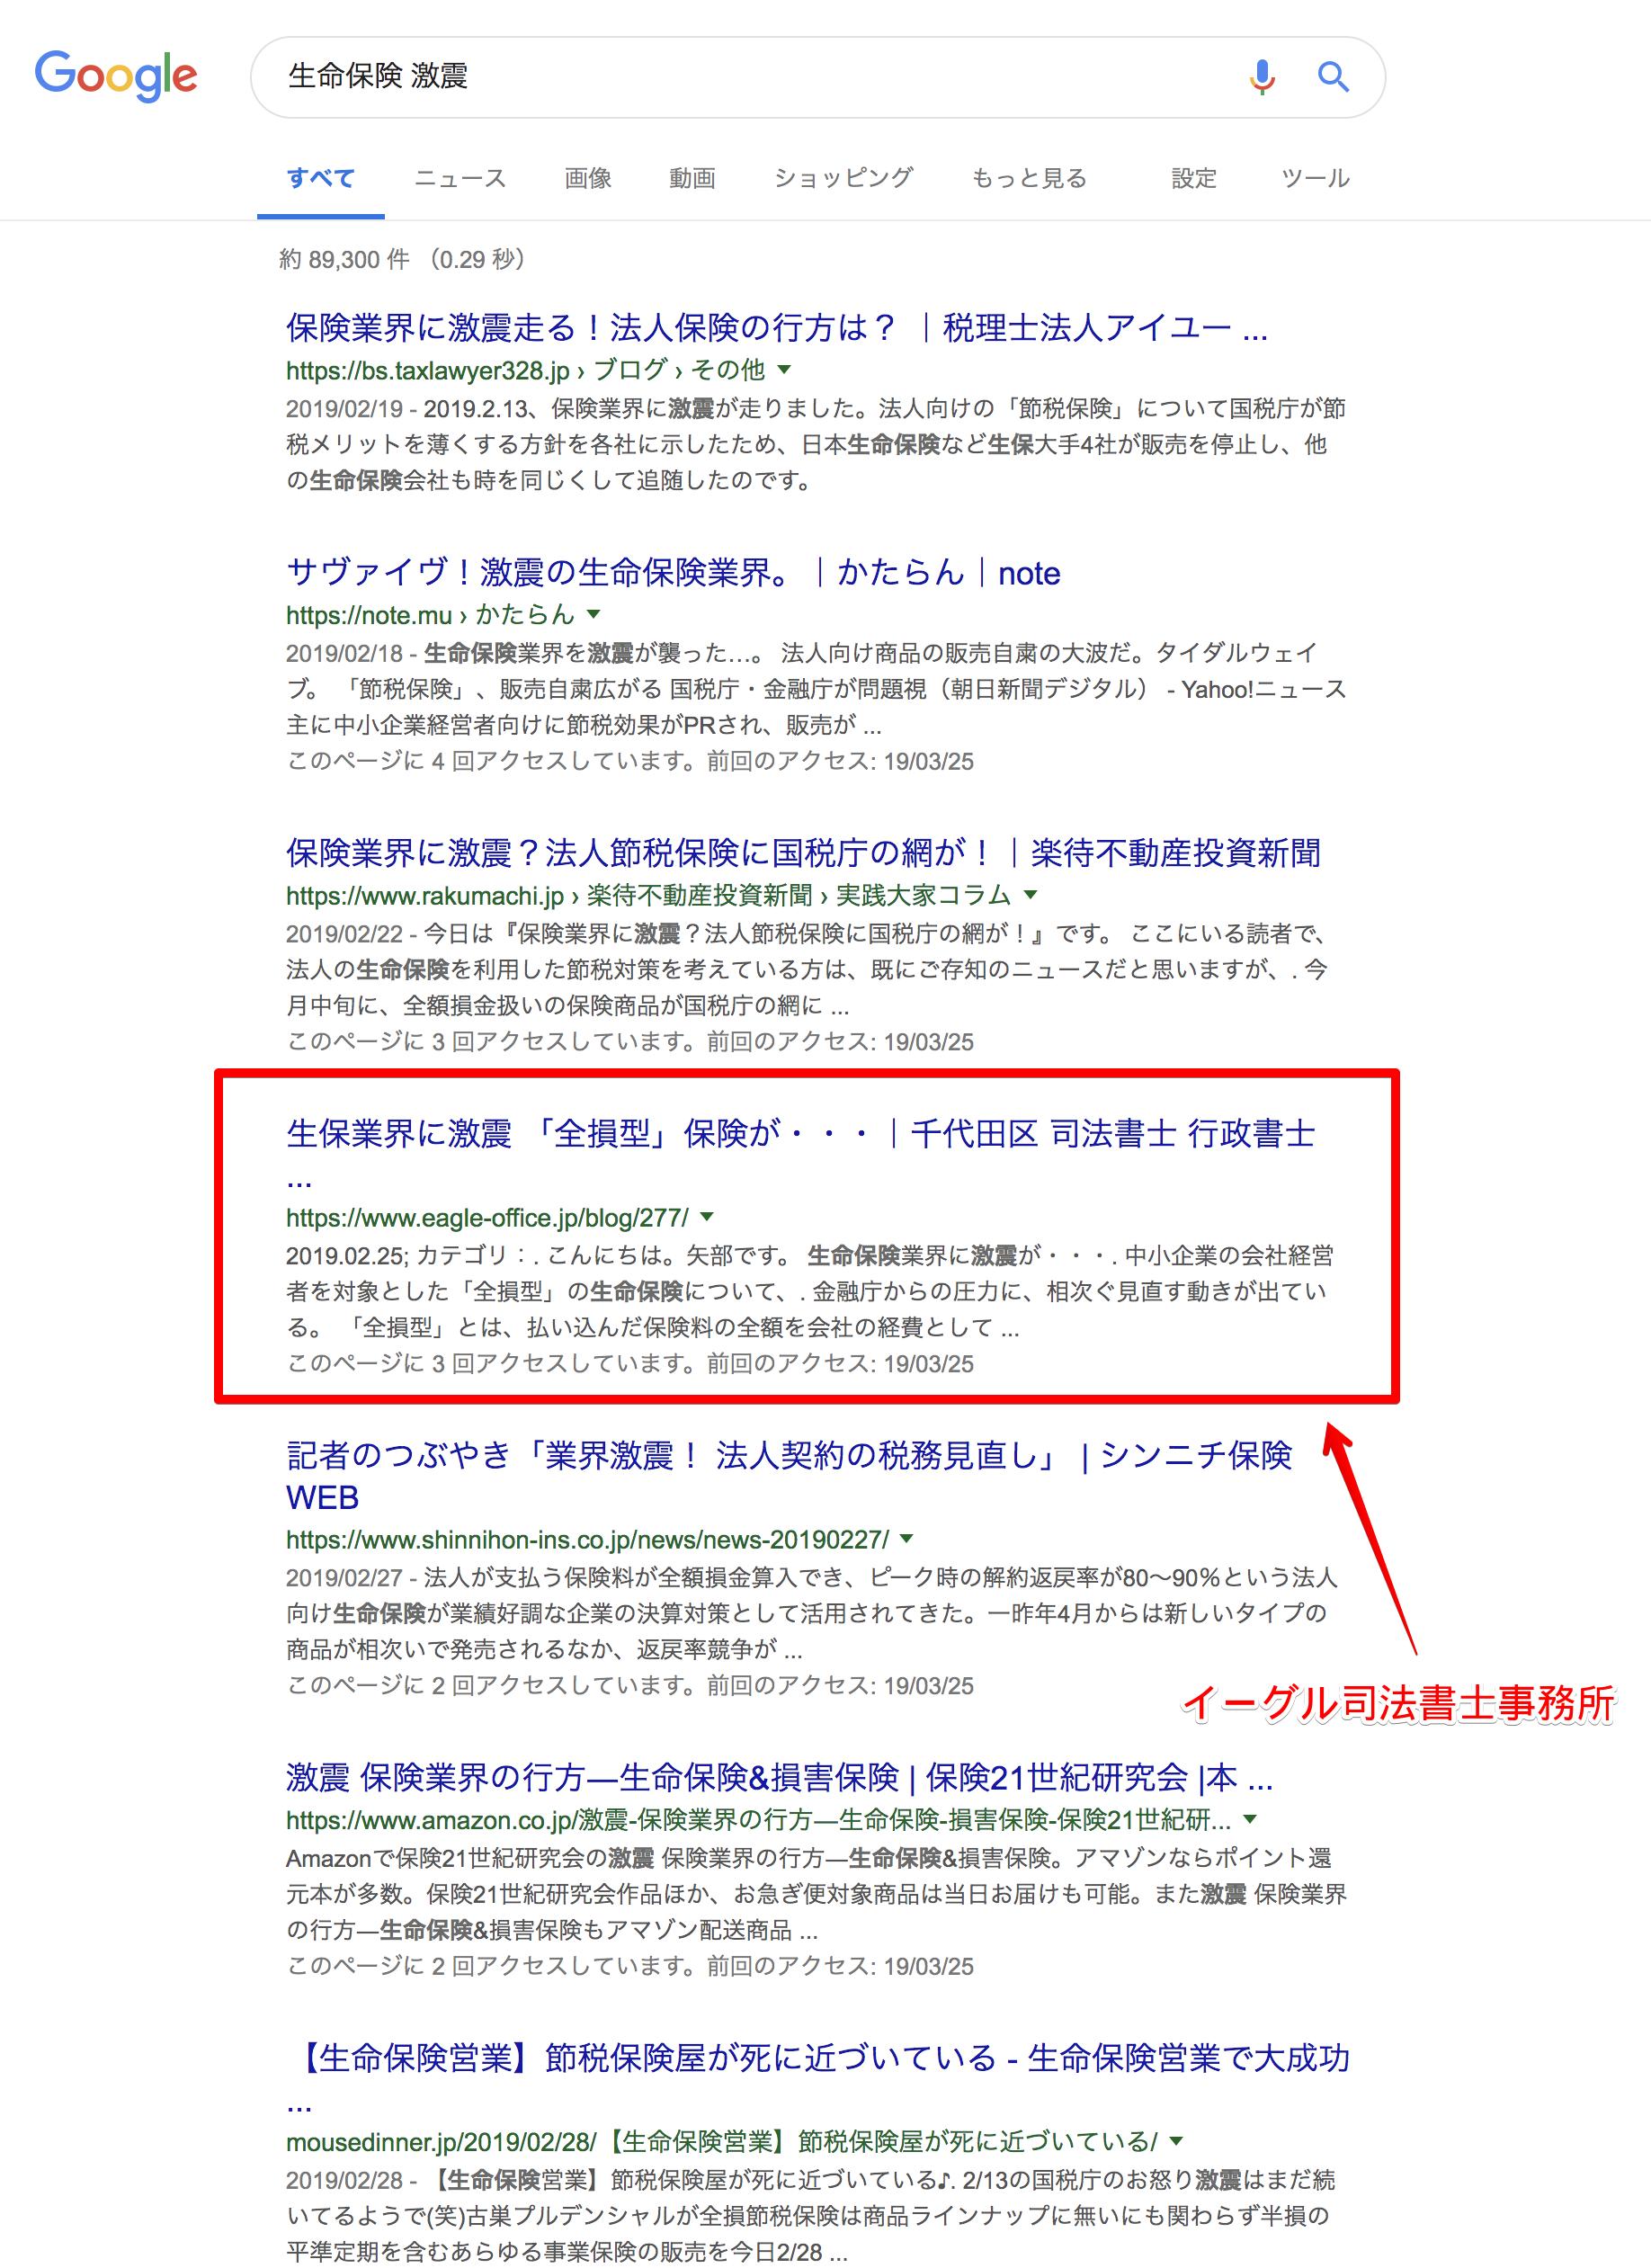 「生命保険 激震」の検索結果